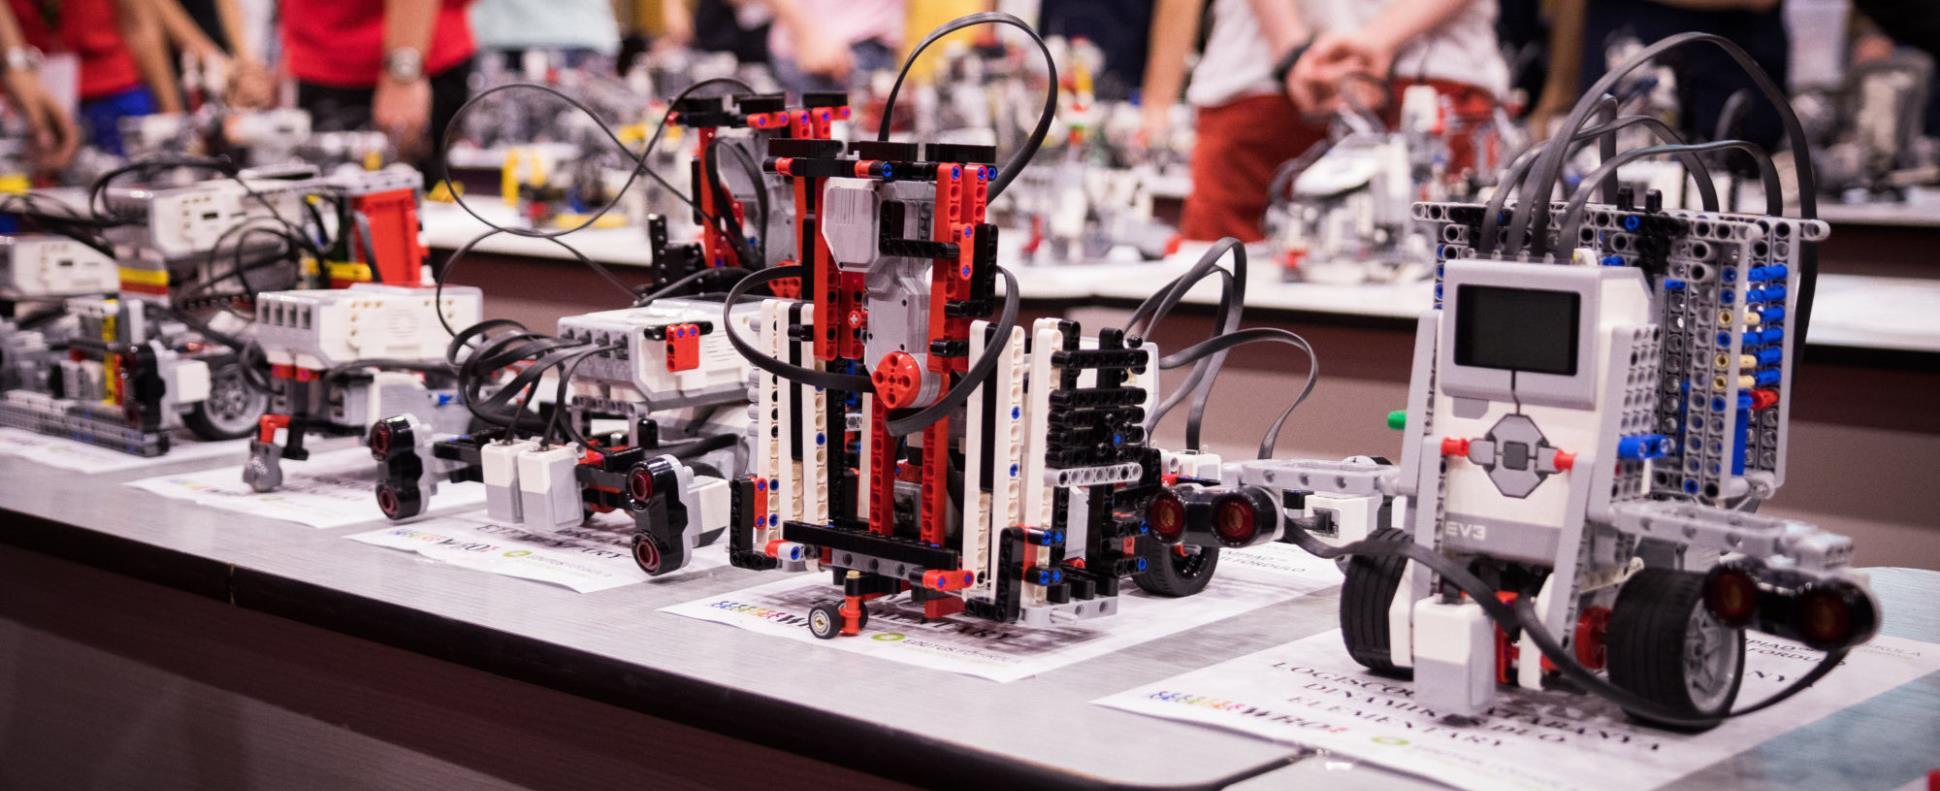 Jövő ősszel Győrben rendezik a 16. World Robot Olympiad világdöntőjét